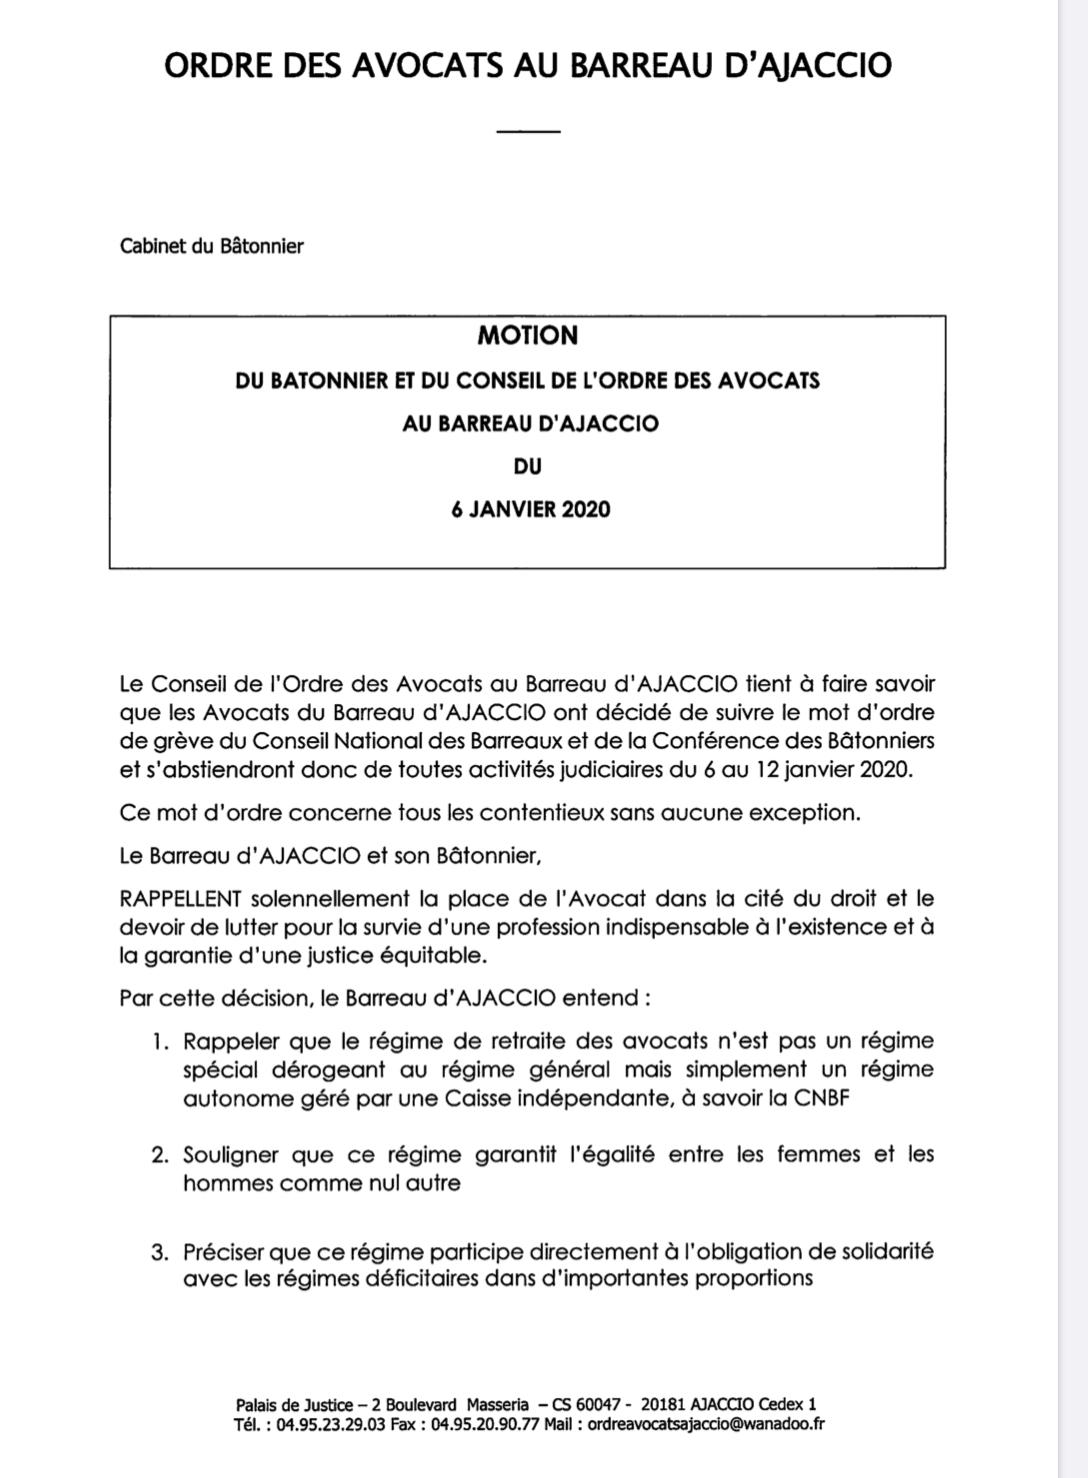 Ajaccio : grève des avocats contre la réforme des retraites pendant une semaine